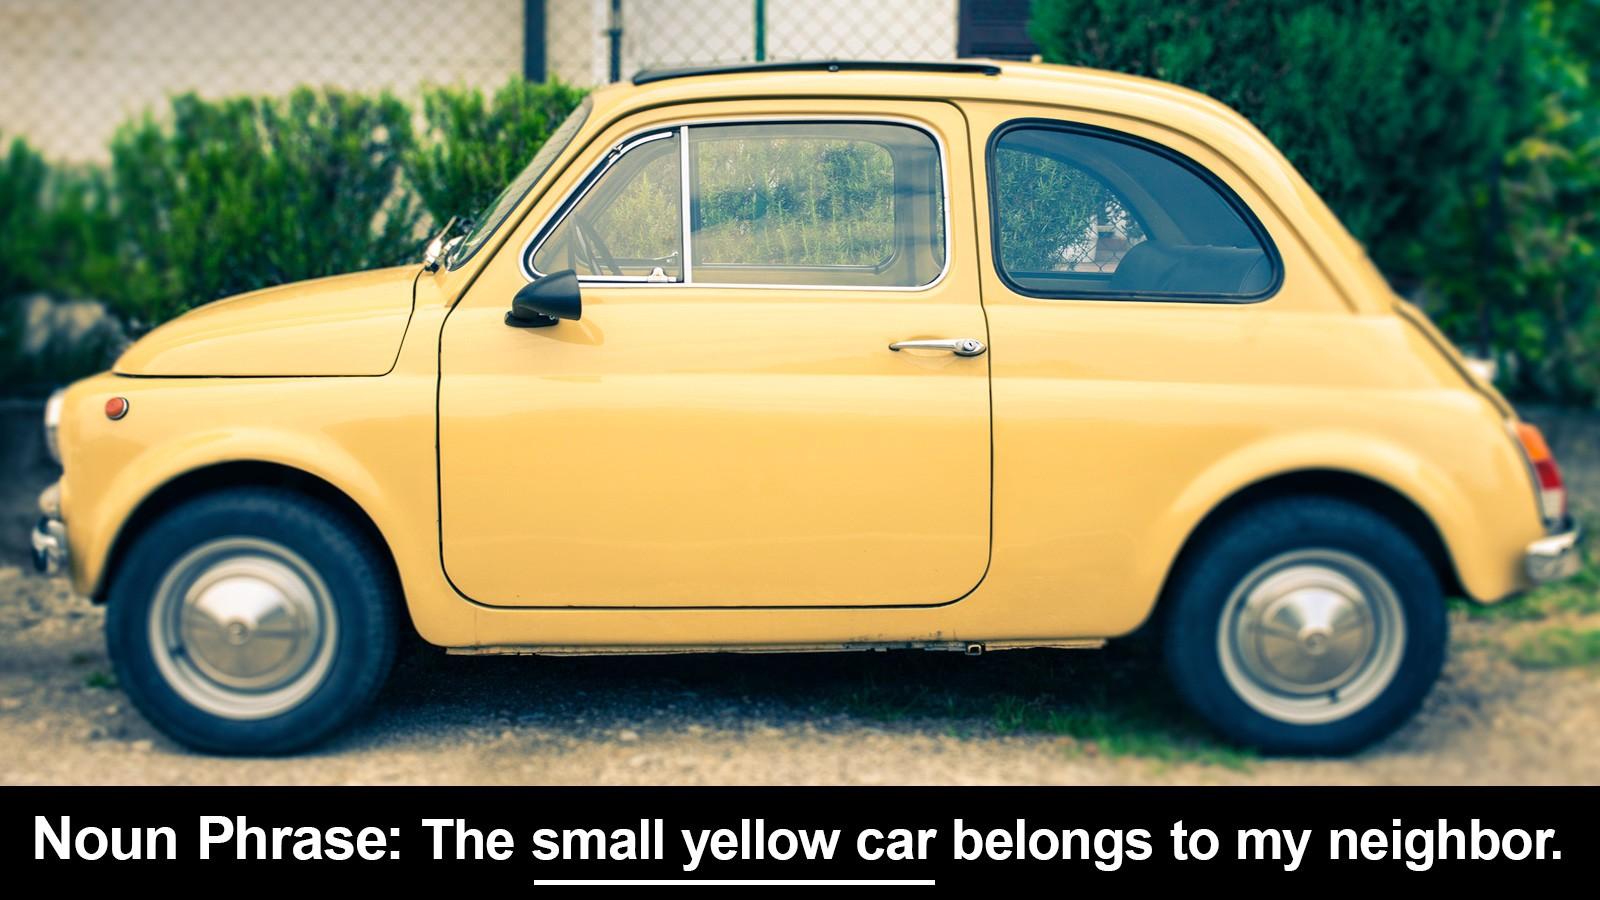 noun phrase example with small yellow car